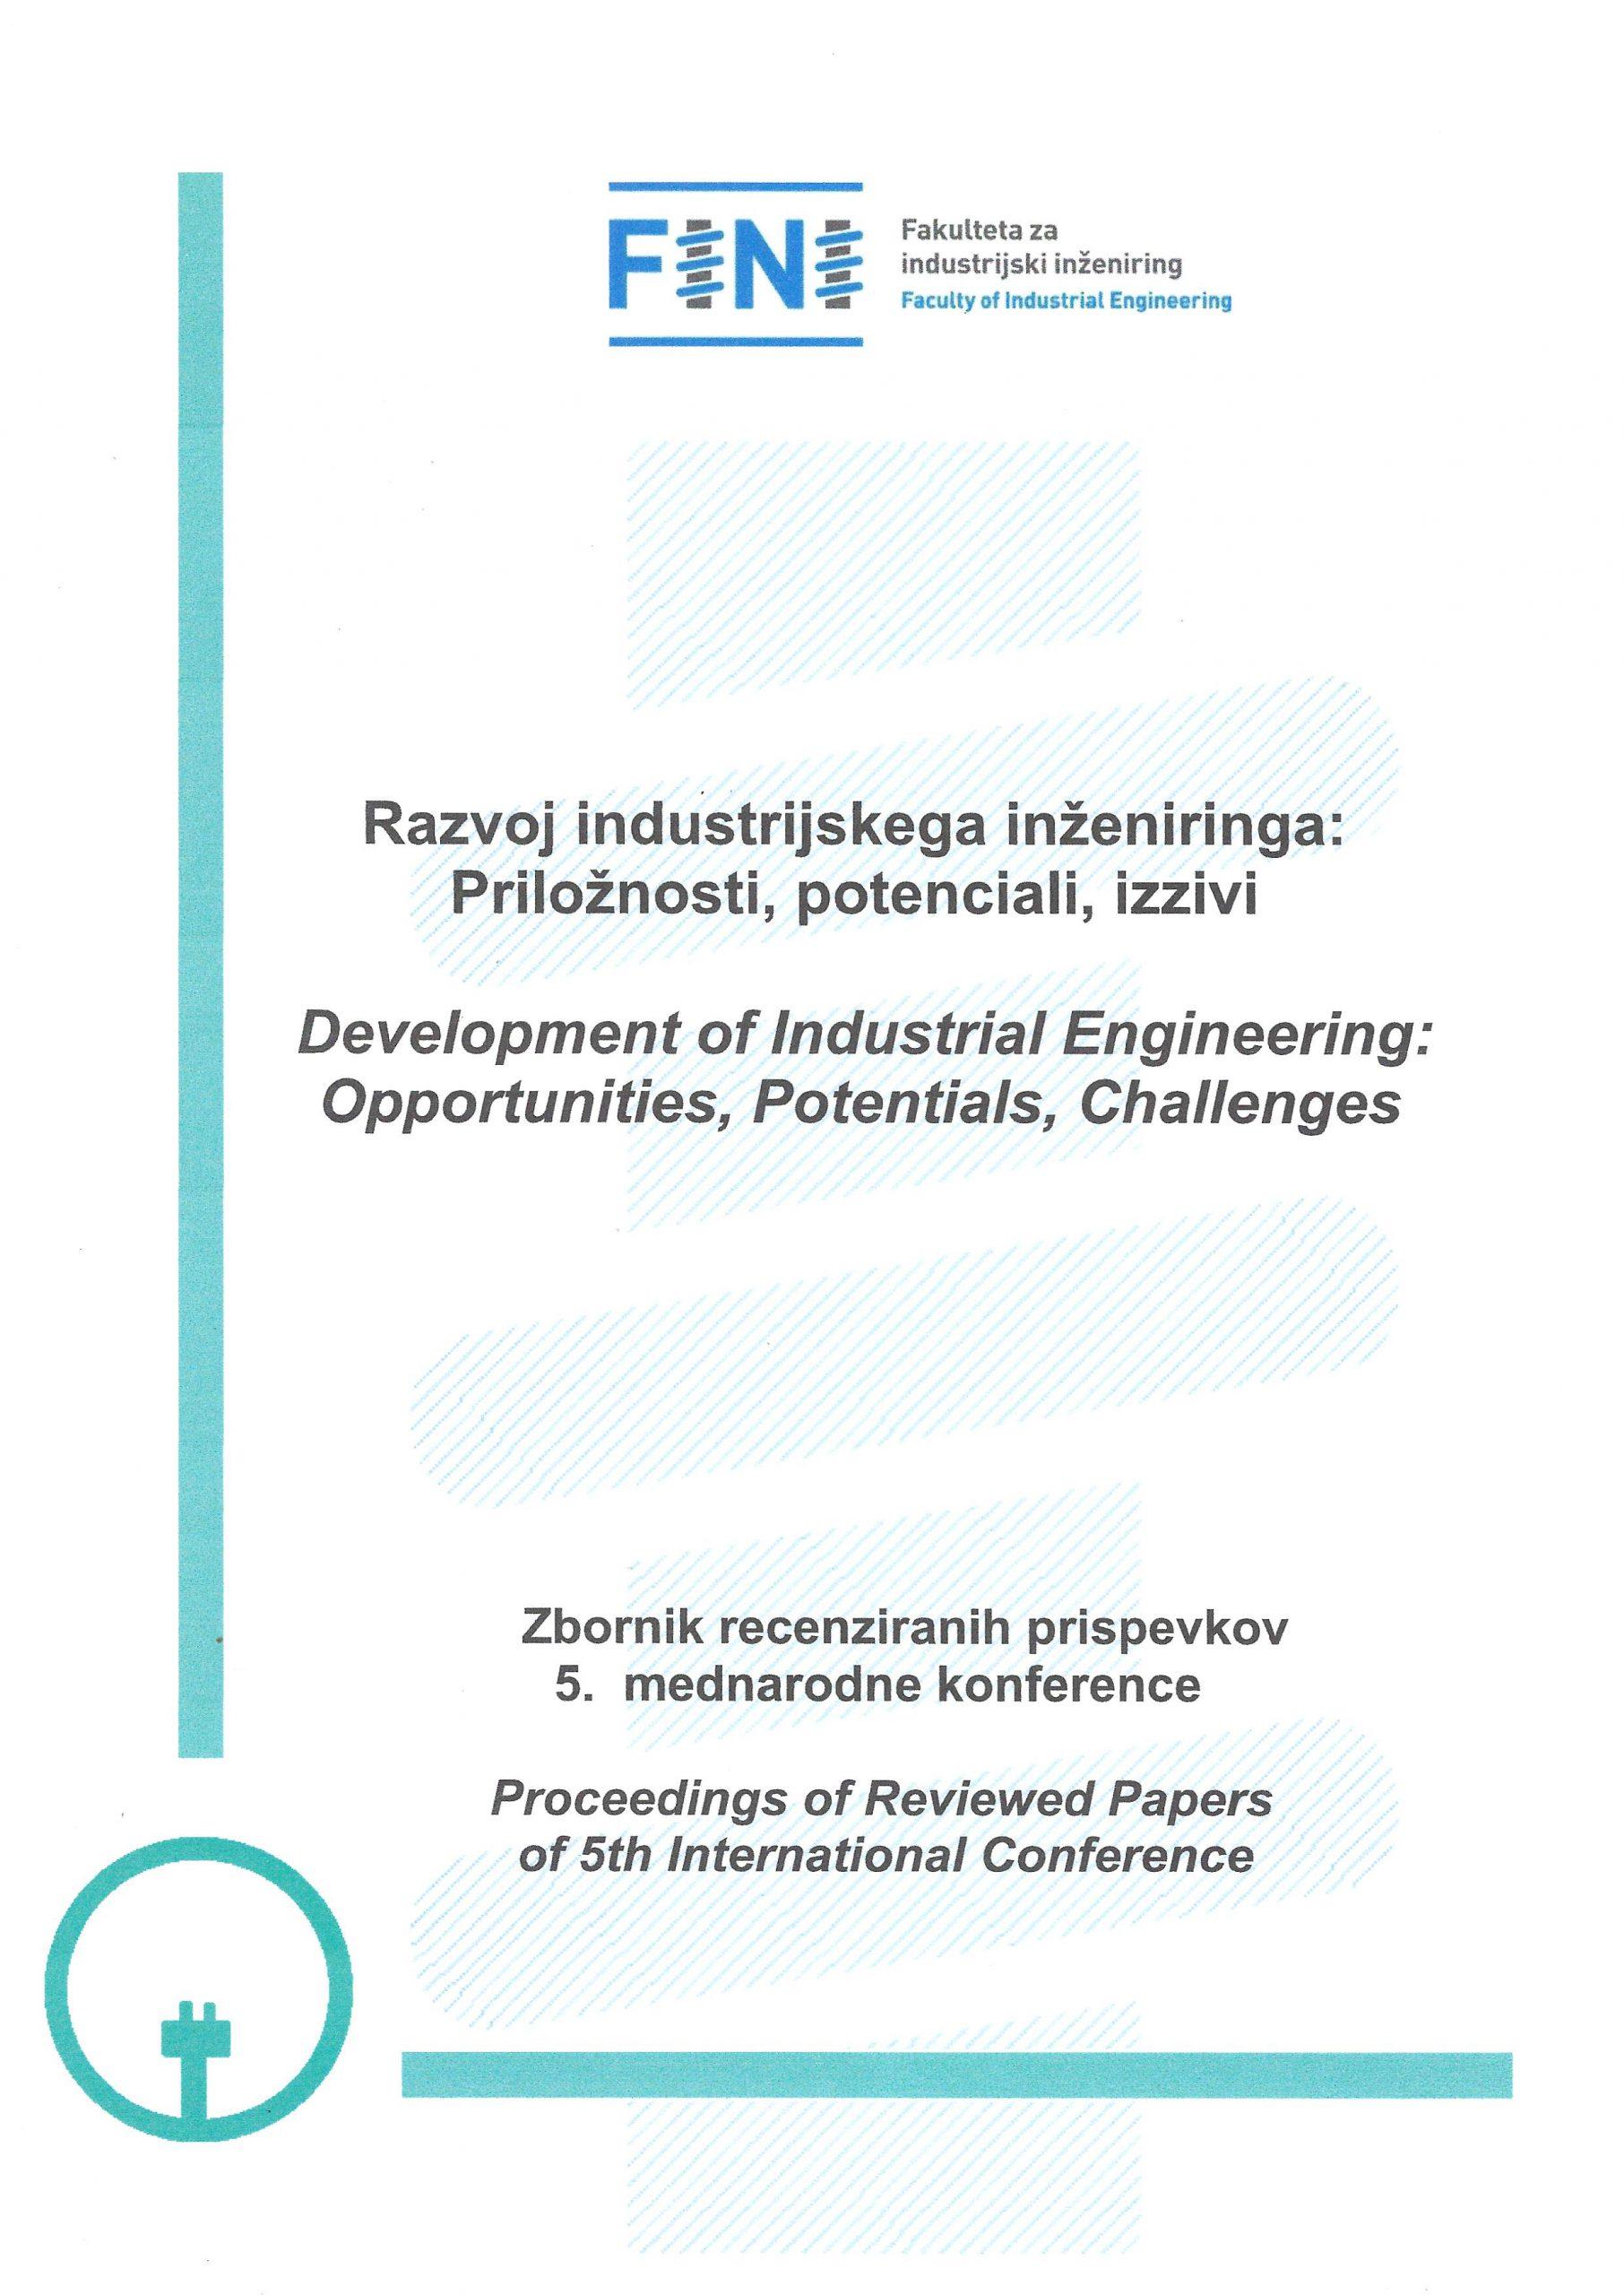 Zbornik recenziranih prispevkov 5. mednarodne konference